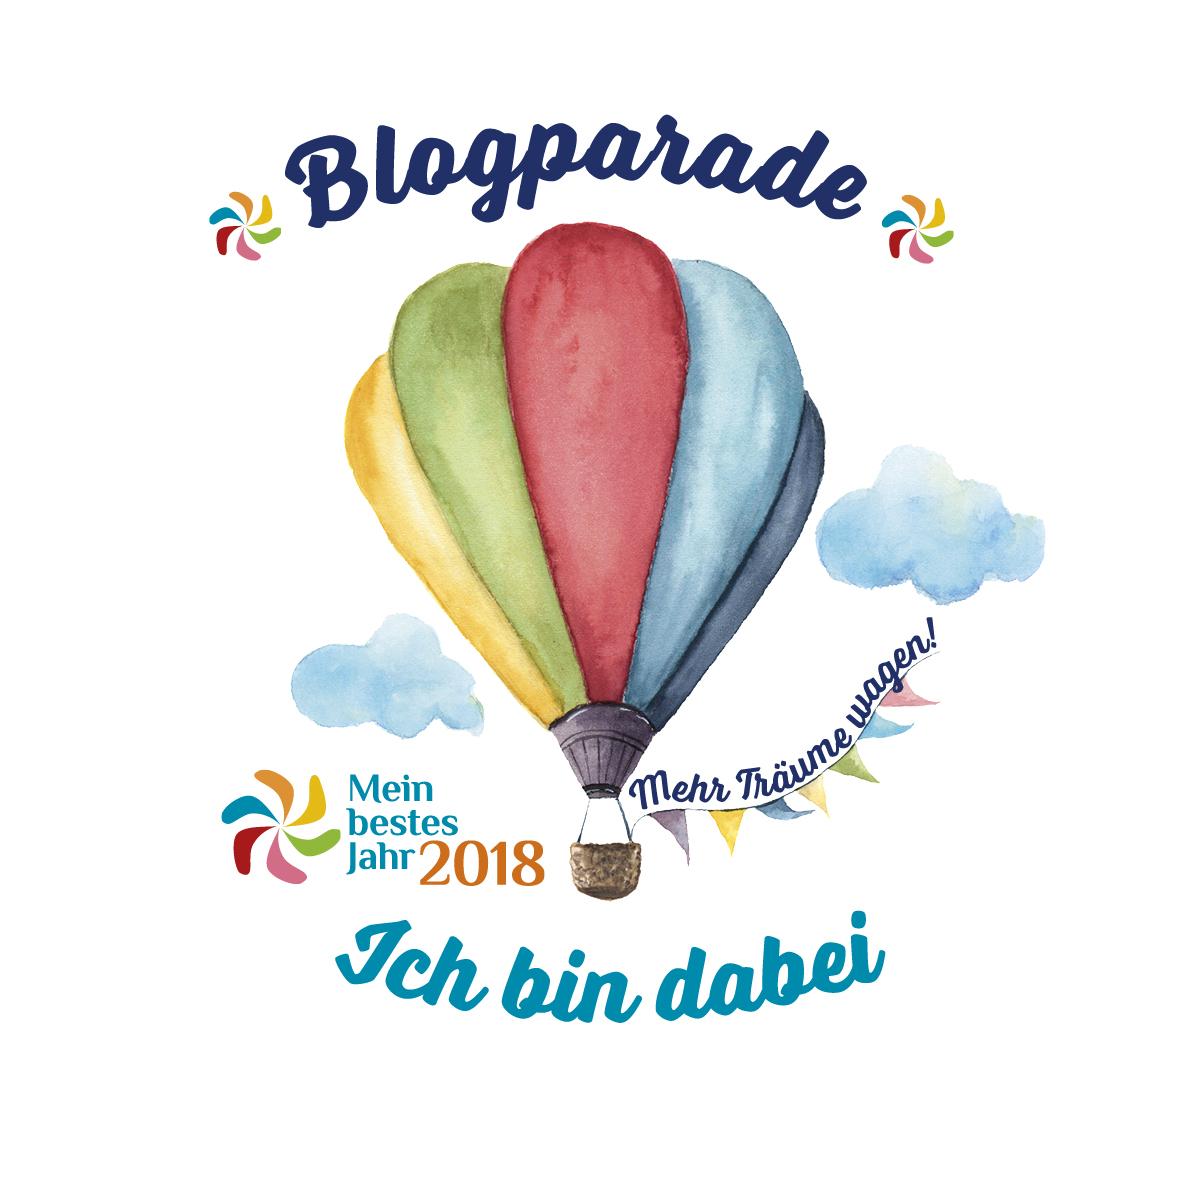 MbJ_2018_Blogparade_Visual_300dpi_rgb.jpg